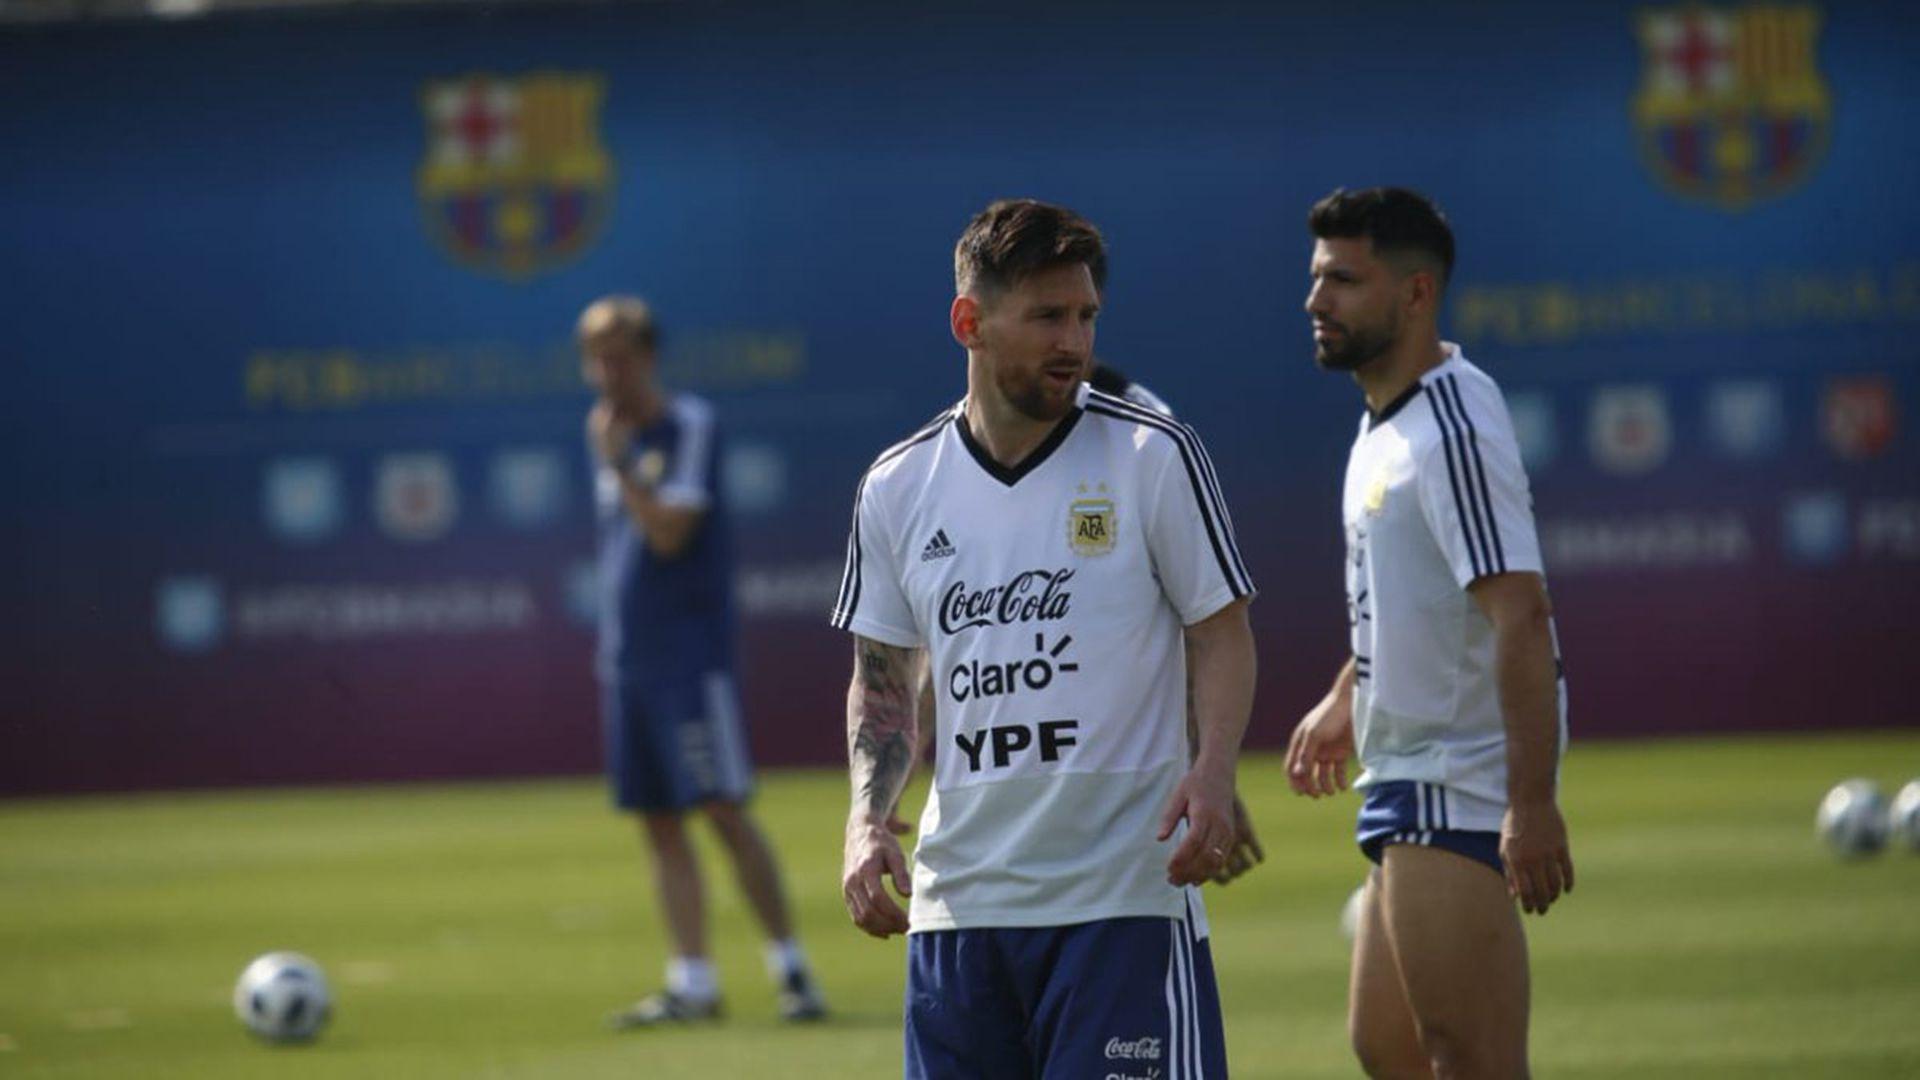 Lionel Messi y Sergio Agüero entrenando con la Selección en el predio del Barcelona (Foto: @Argentina)